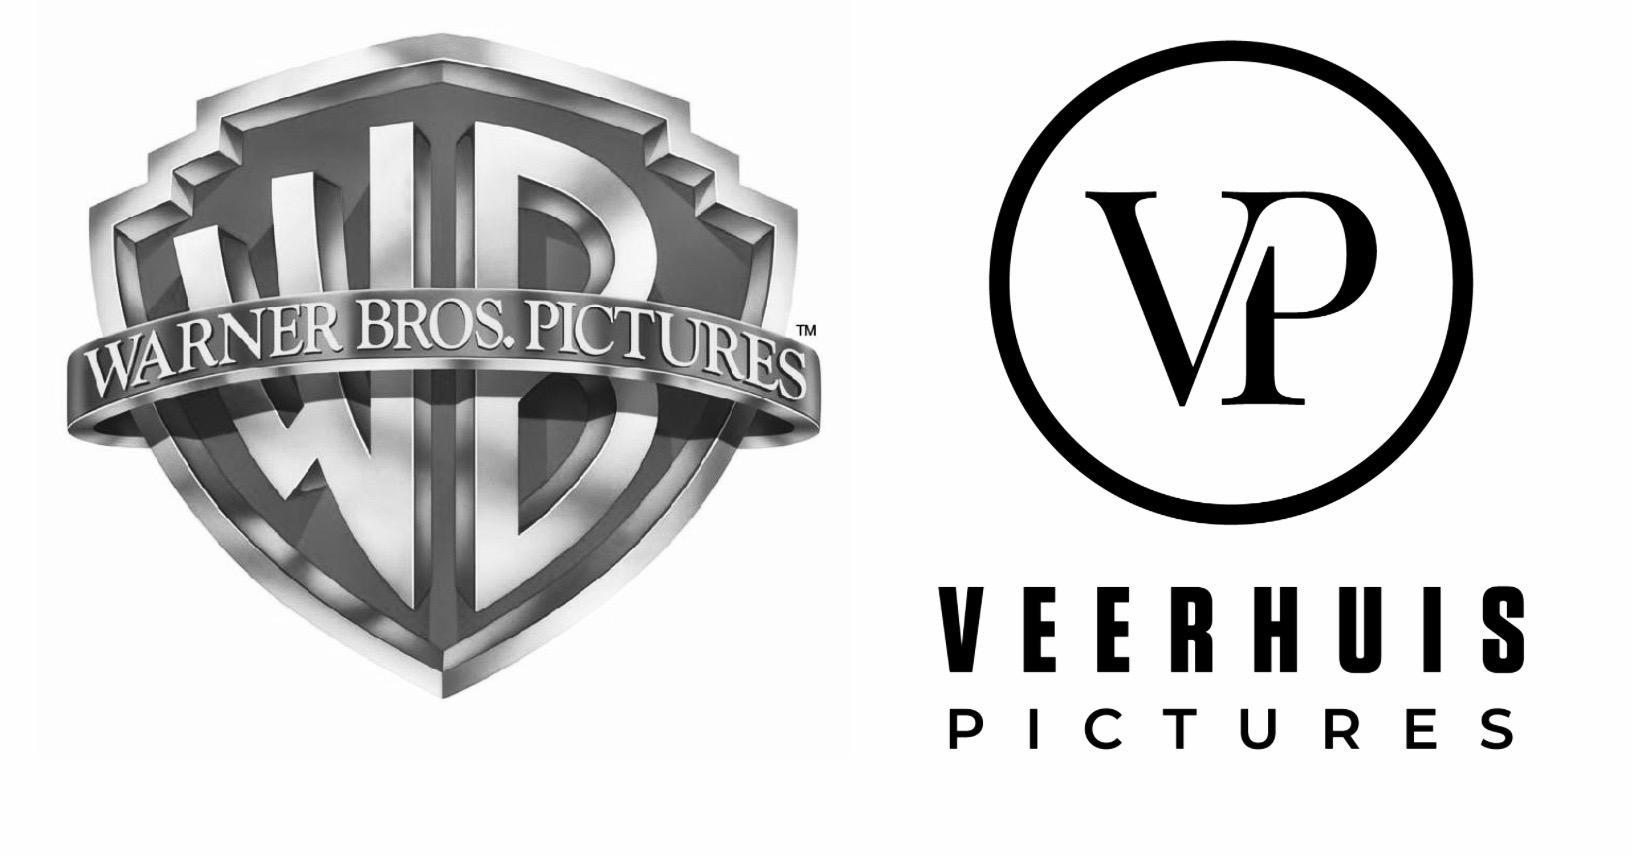 Warner Bros Veerhuis Pictures